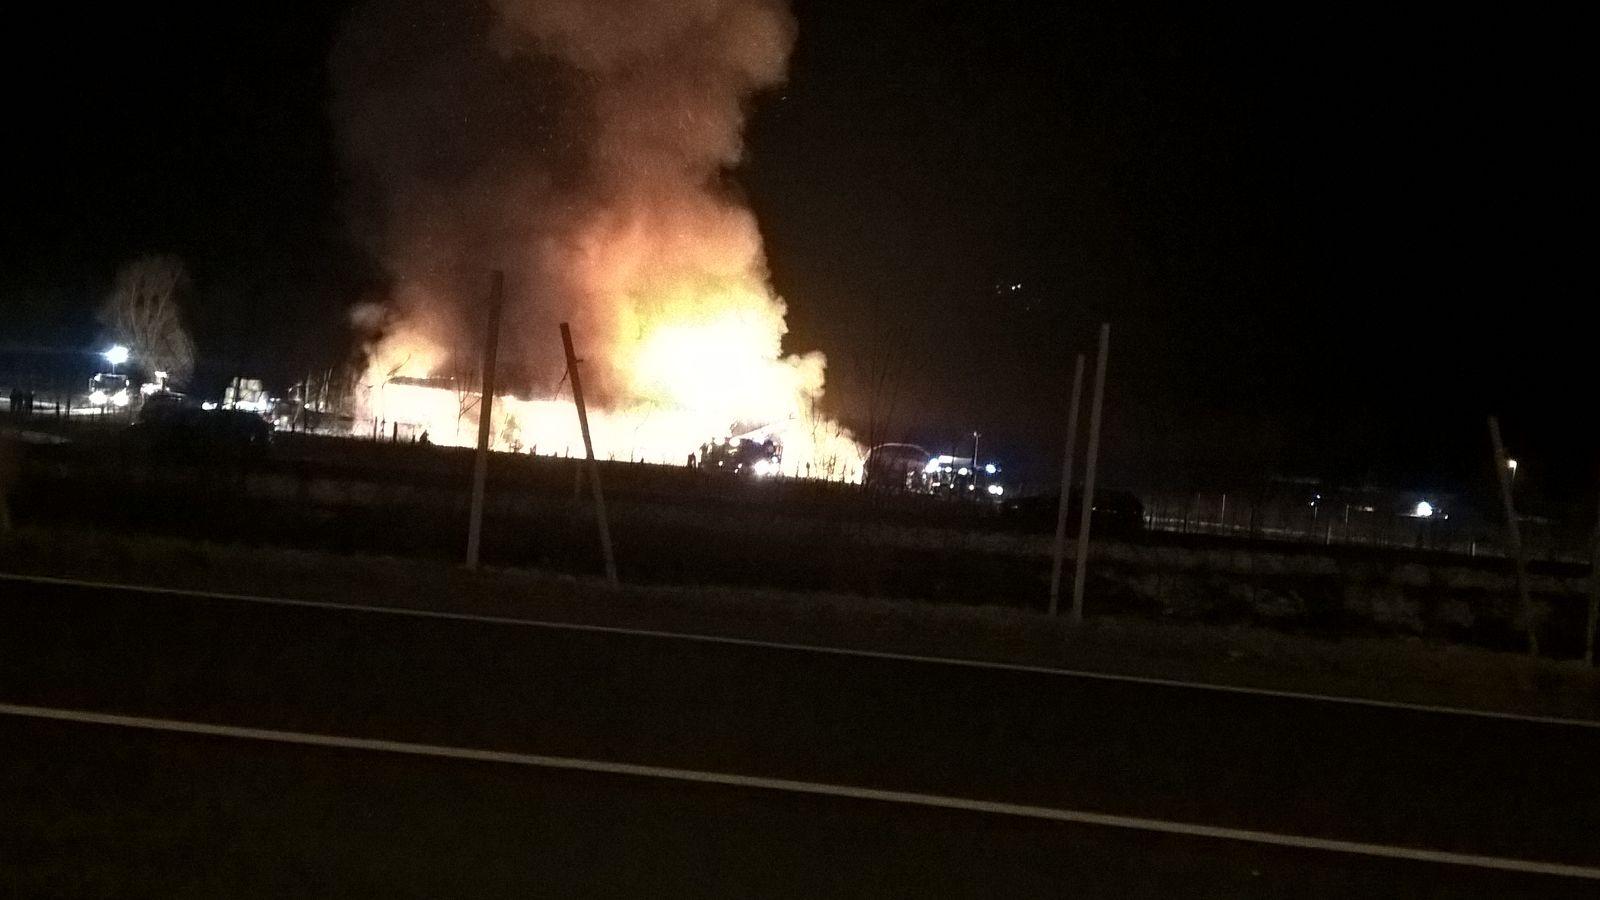 Incendio a Villa Agnedo: il fienile dell'azienda Sandri distrutto dalle fiamme